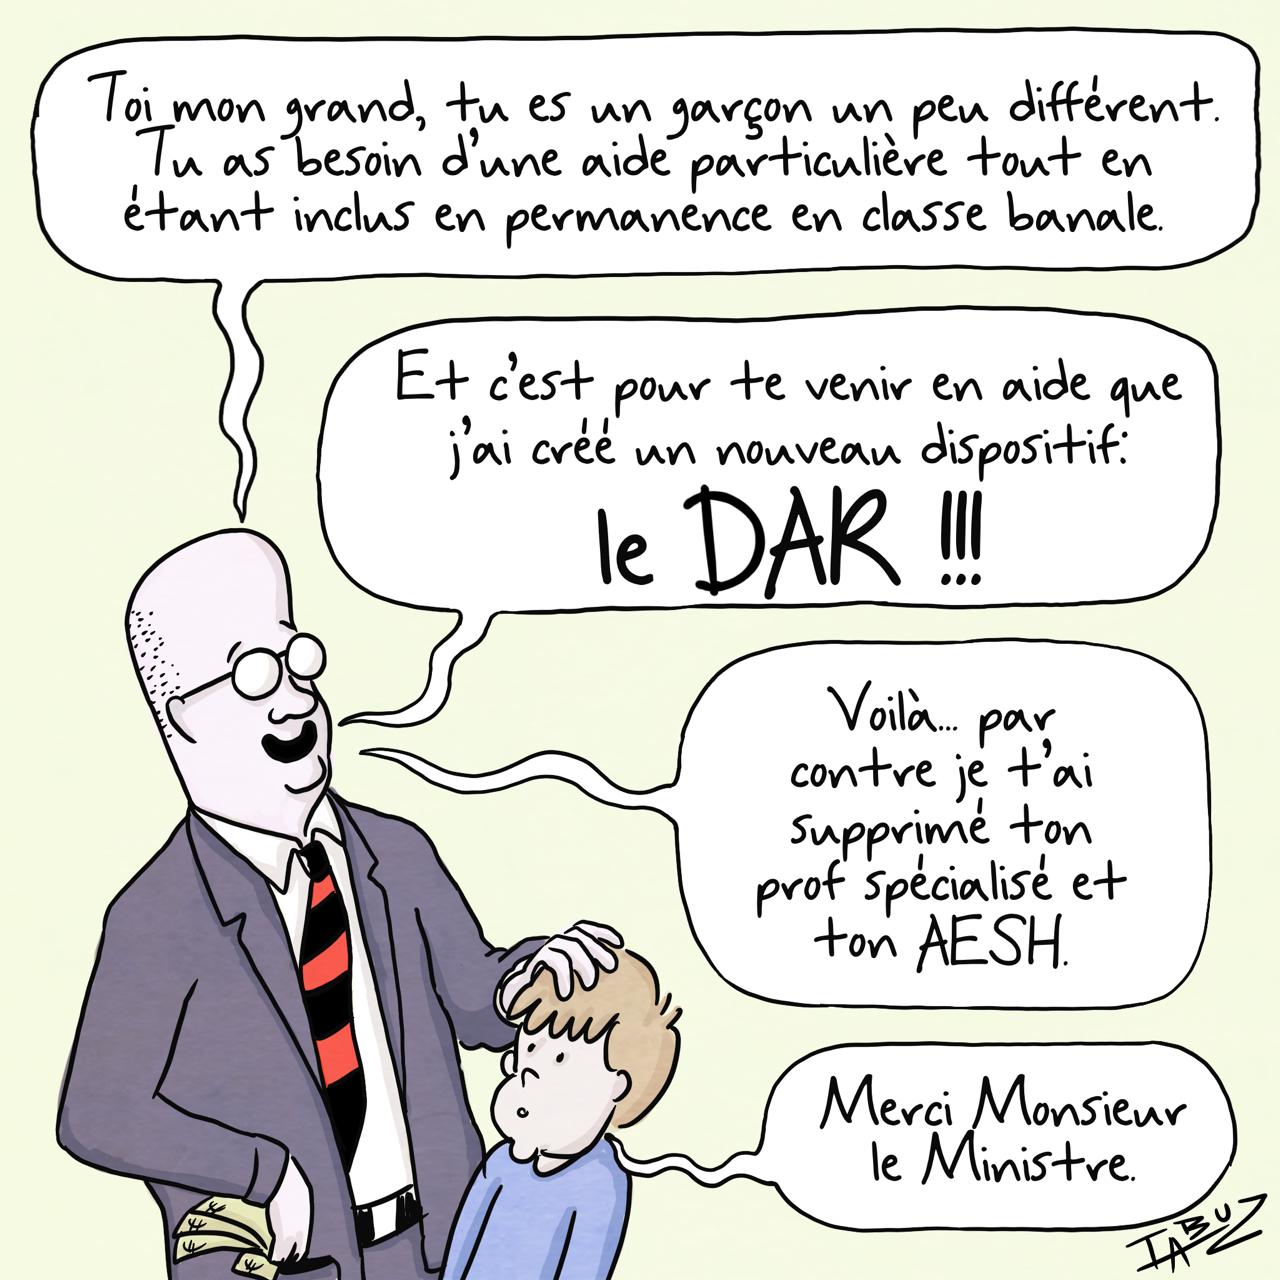 Implantation de DAR (dispositif d'auto-régulation) : compte-rendu de l'audience de l'école Jean Macé à Choisy, avec le SNUDI-FO et le SNUipp-FSU